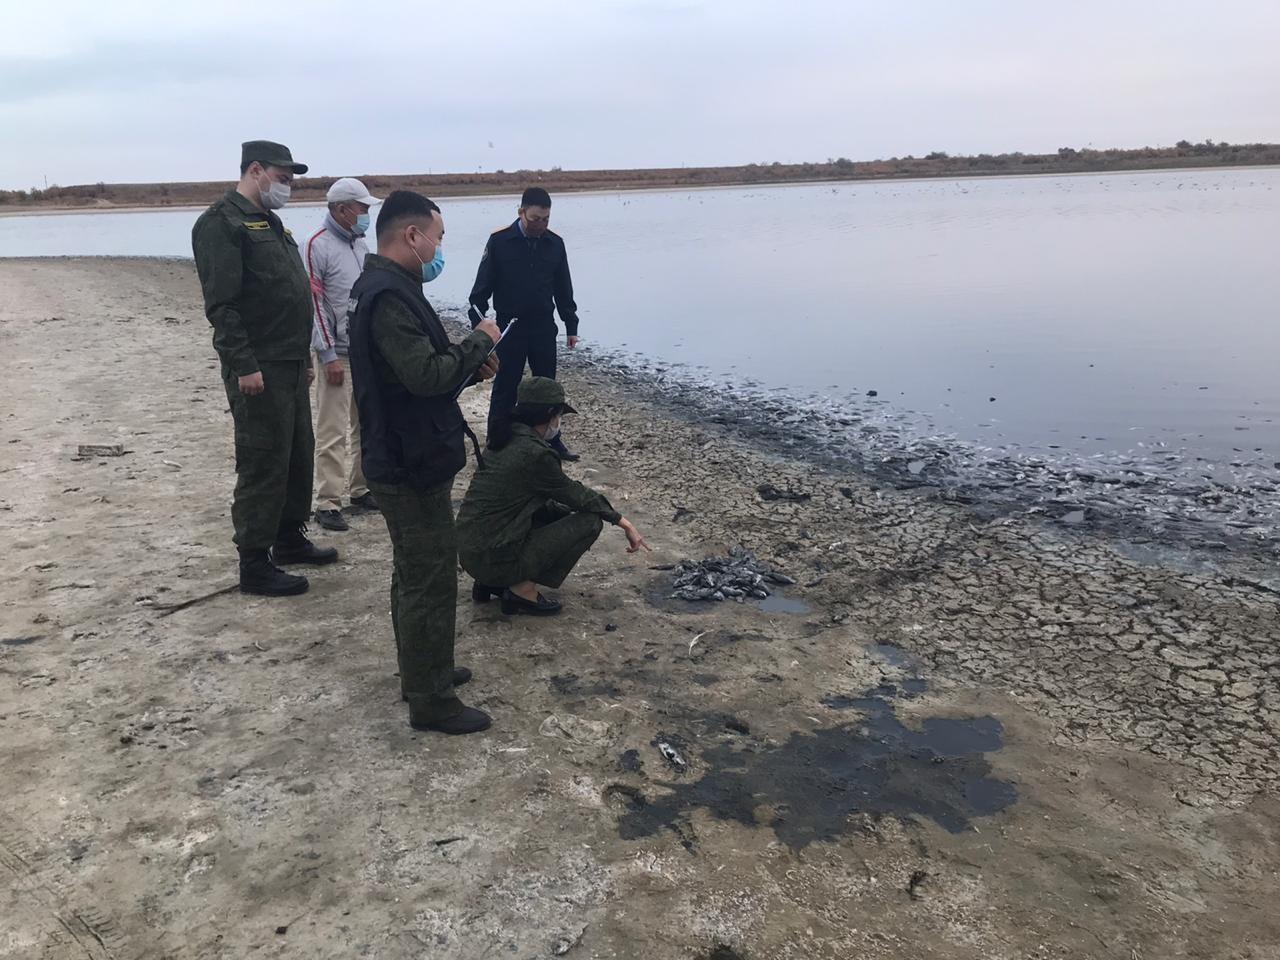 Причины массовой гибели рыб на Аршань-Зельменском водохранилище станут известны к концу текущей недели